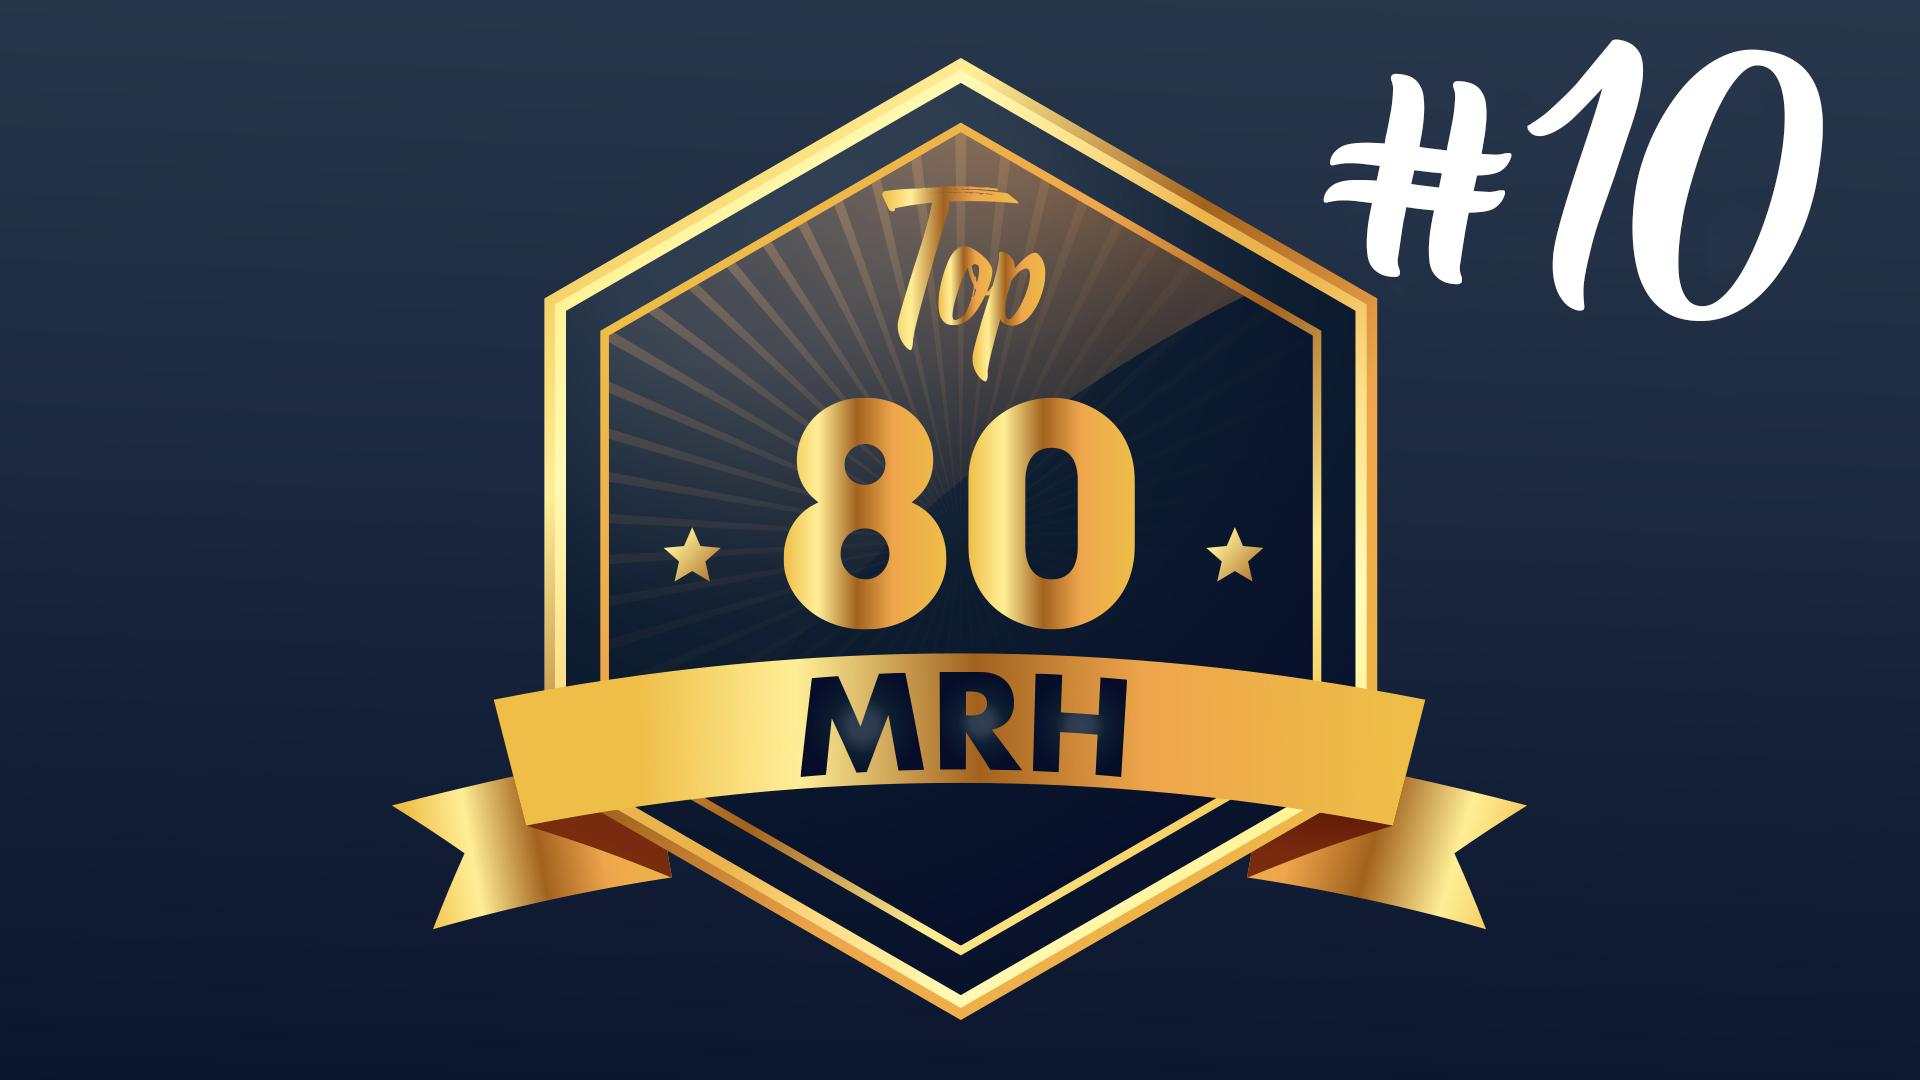 Top 80 MRH - Quel est le classement du dixième Top MRH ?